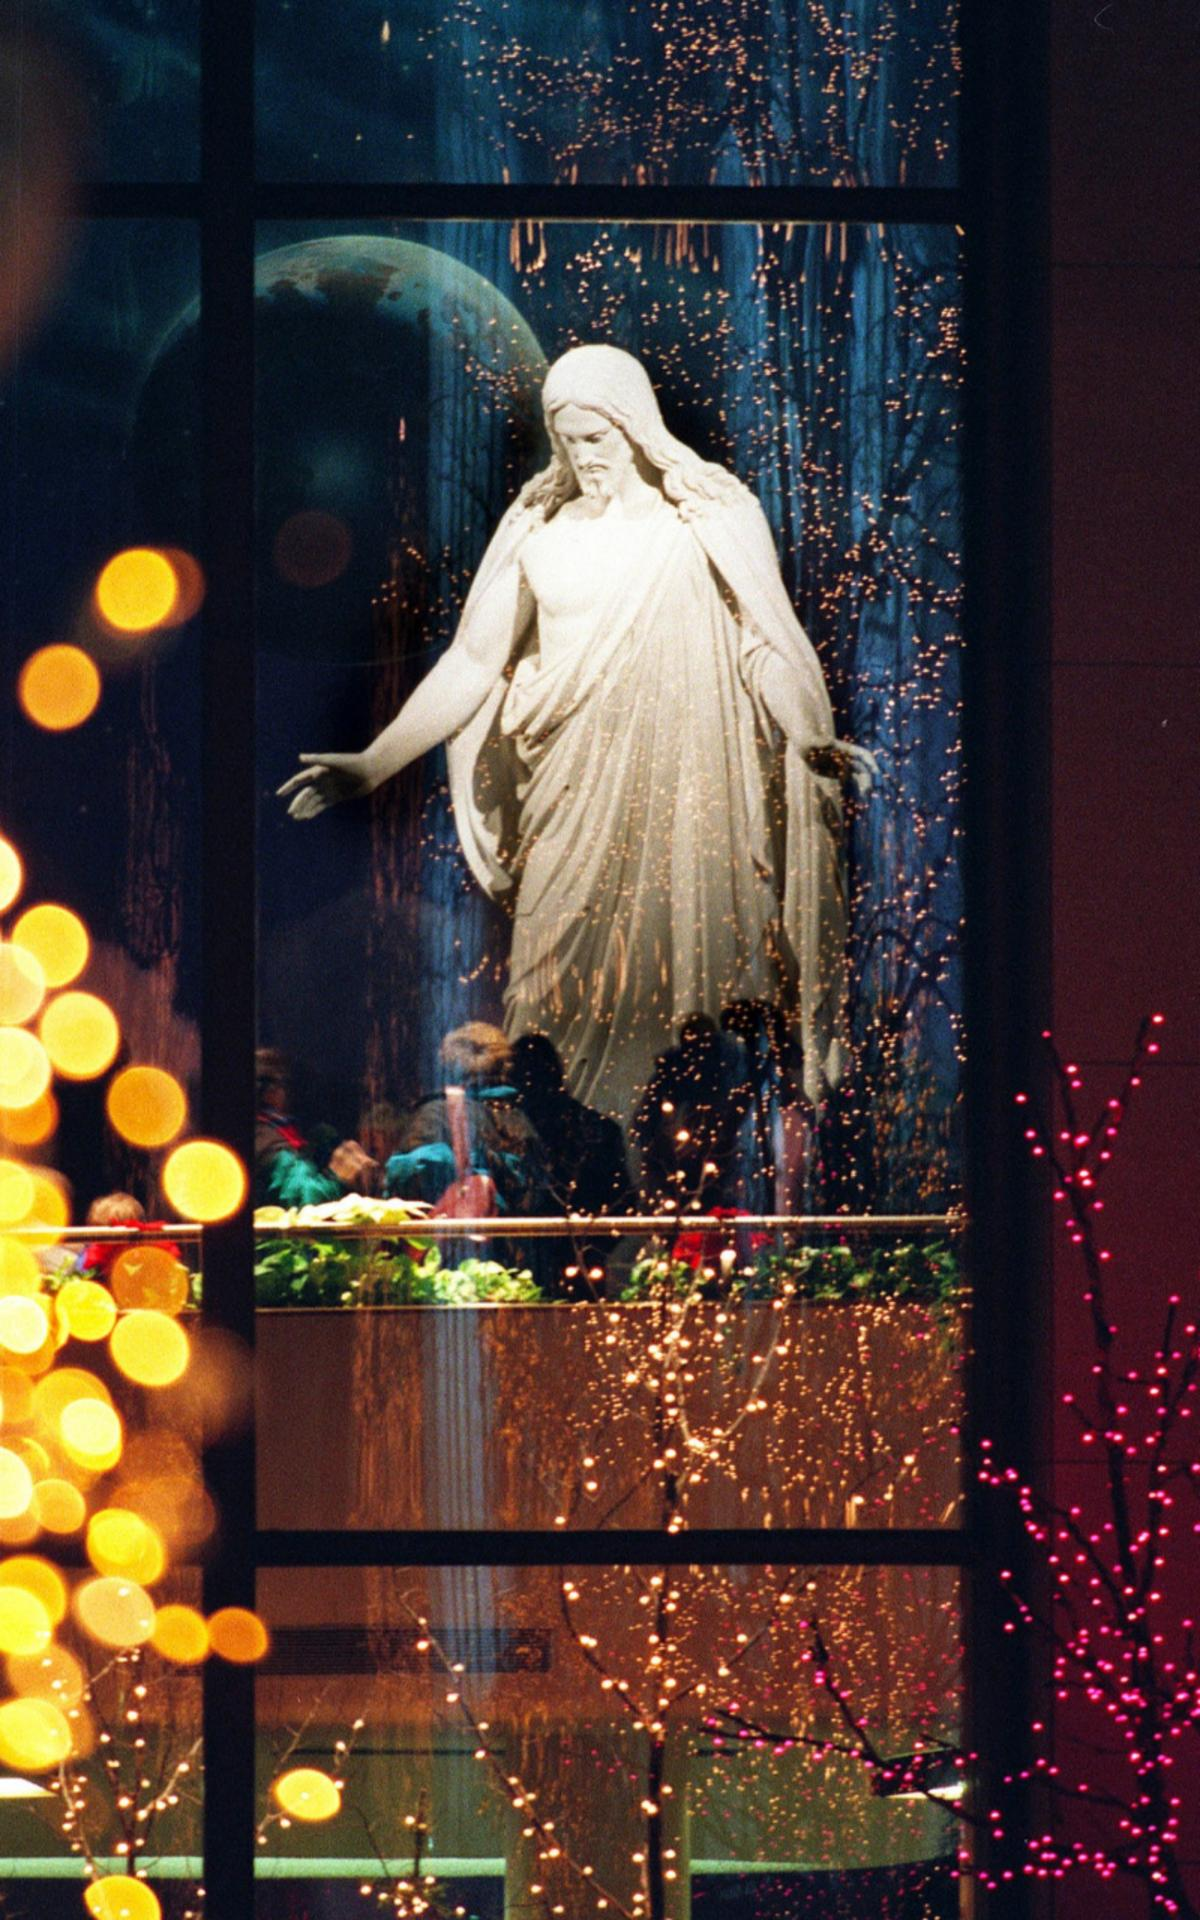 Статуя Христа и Рождественские гирлянды на Храмовой площади в Солт-Лейк-Сити. Фото приводится с любезного разрешения Church News.